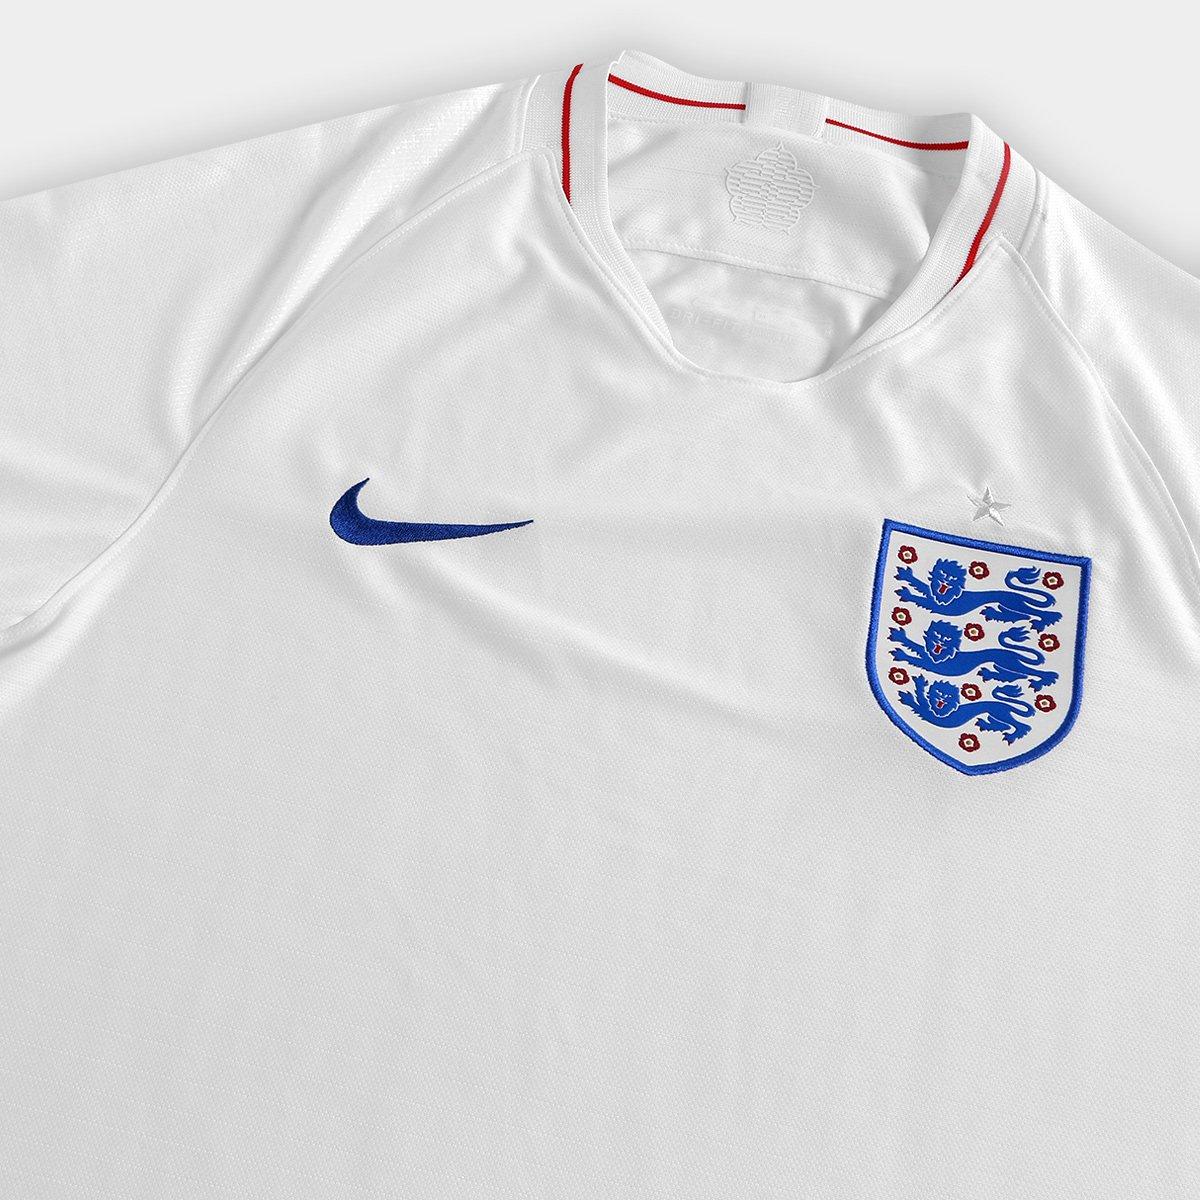 a17cb1b1b0 ... Camisa Seleção Inglaterra Home 2018 n° 9 Kane - Torcedor Nike Masculina